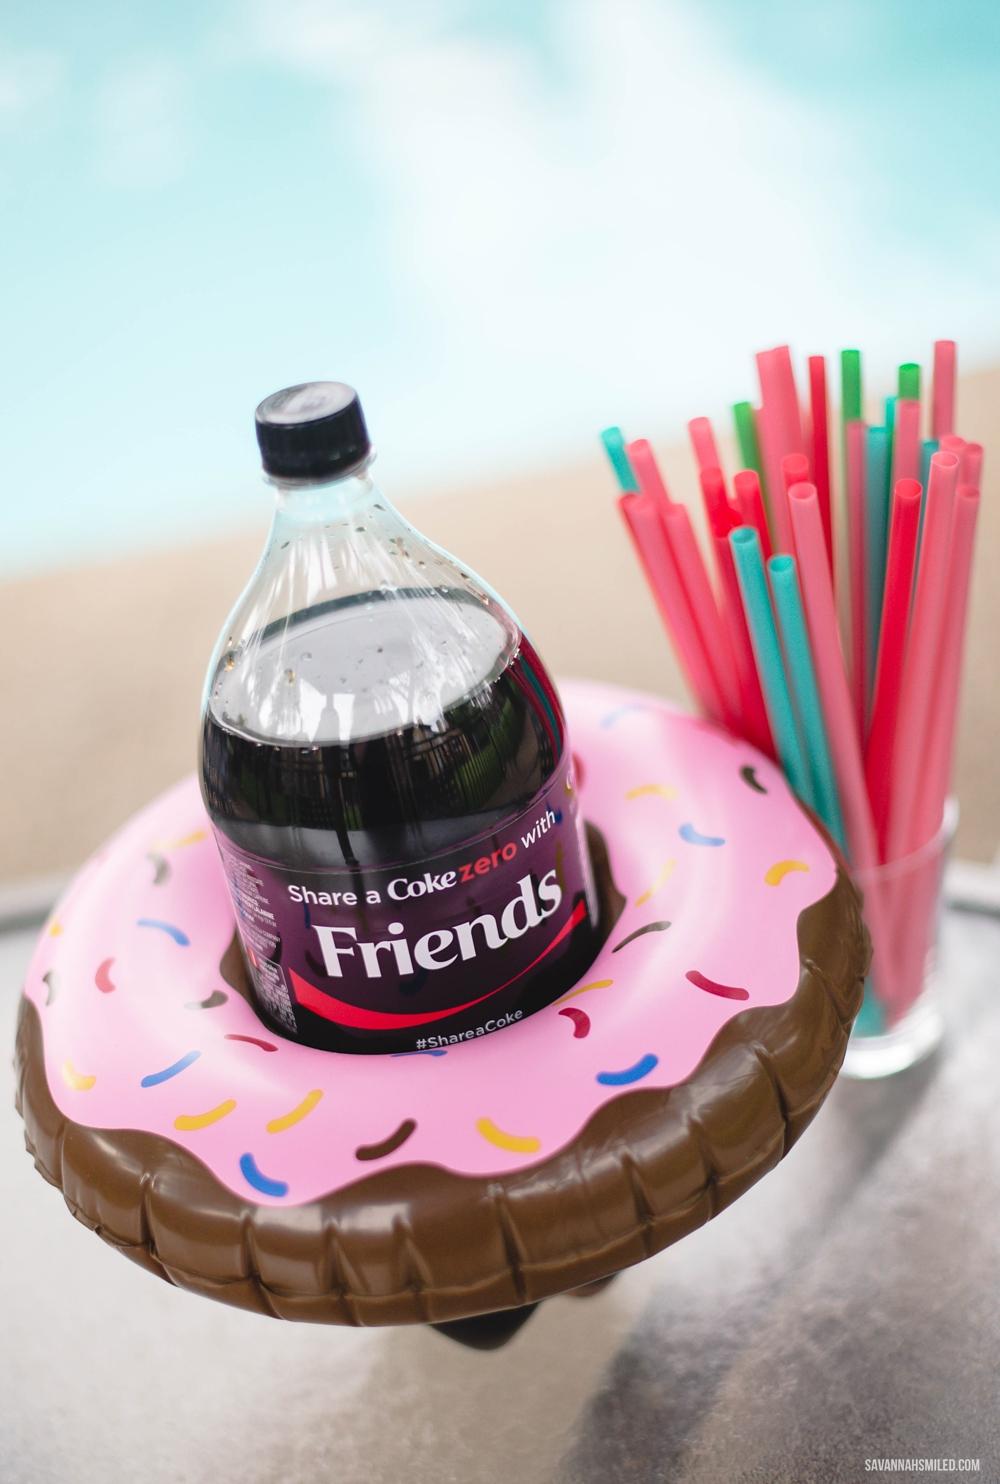 share-smiles-coke-4.jpg